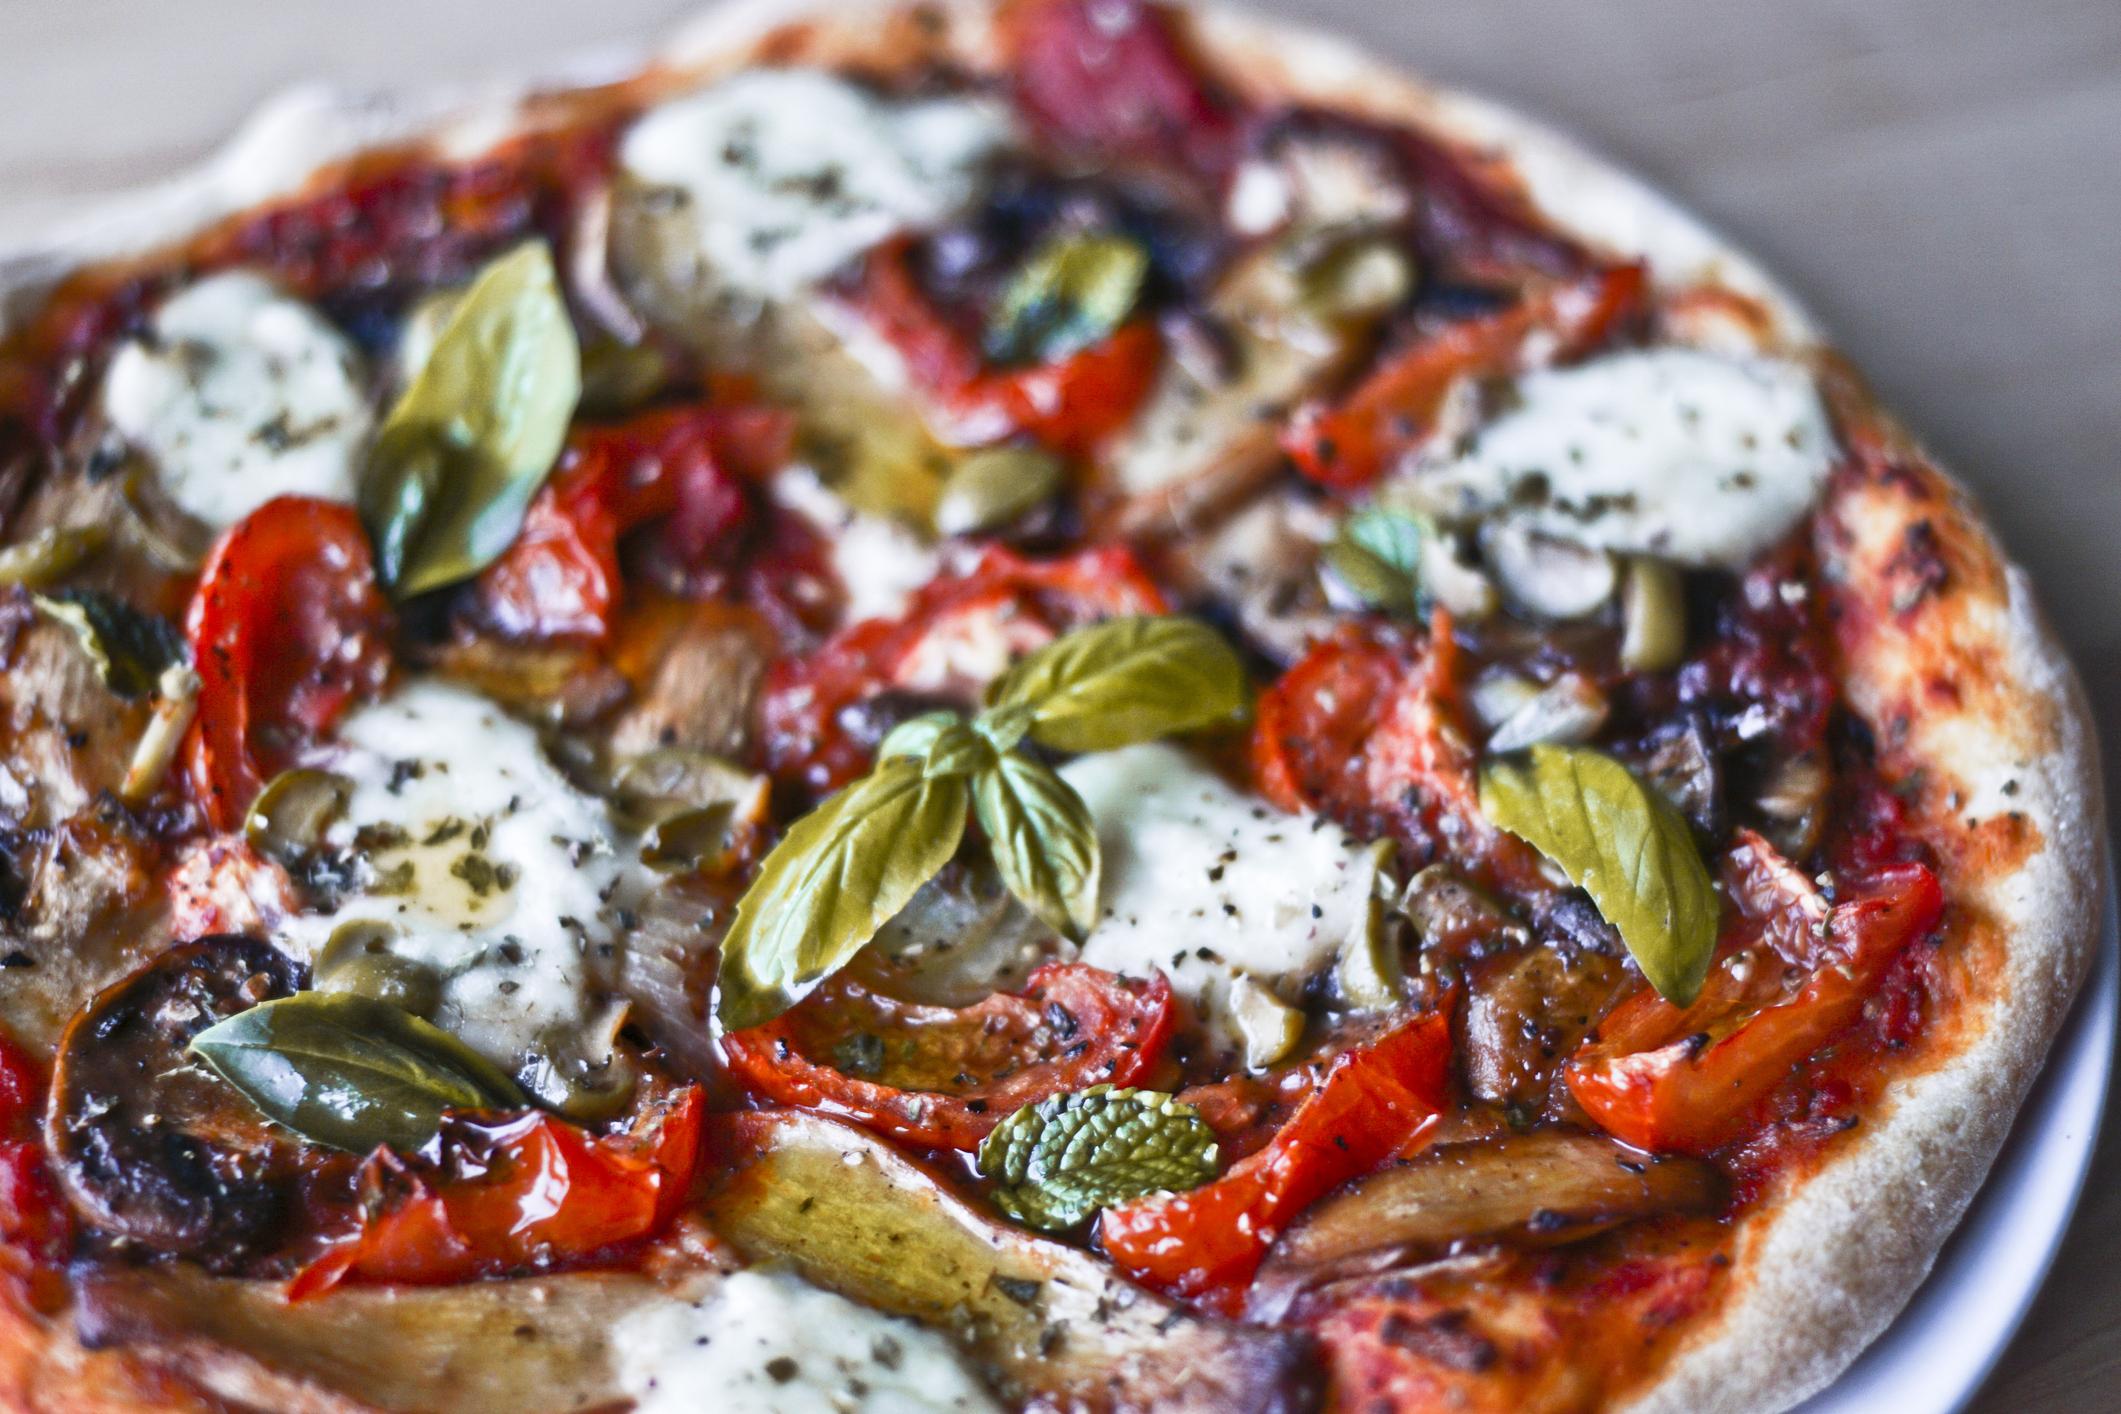 Pizza vegan cm queijo caseiro